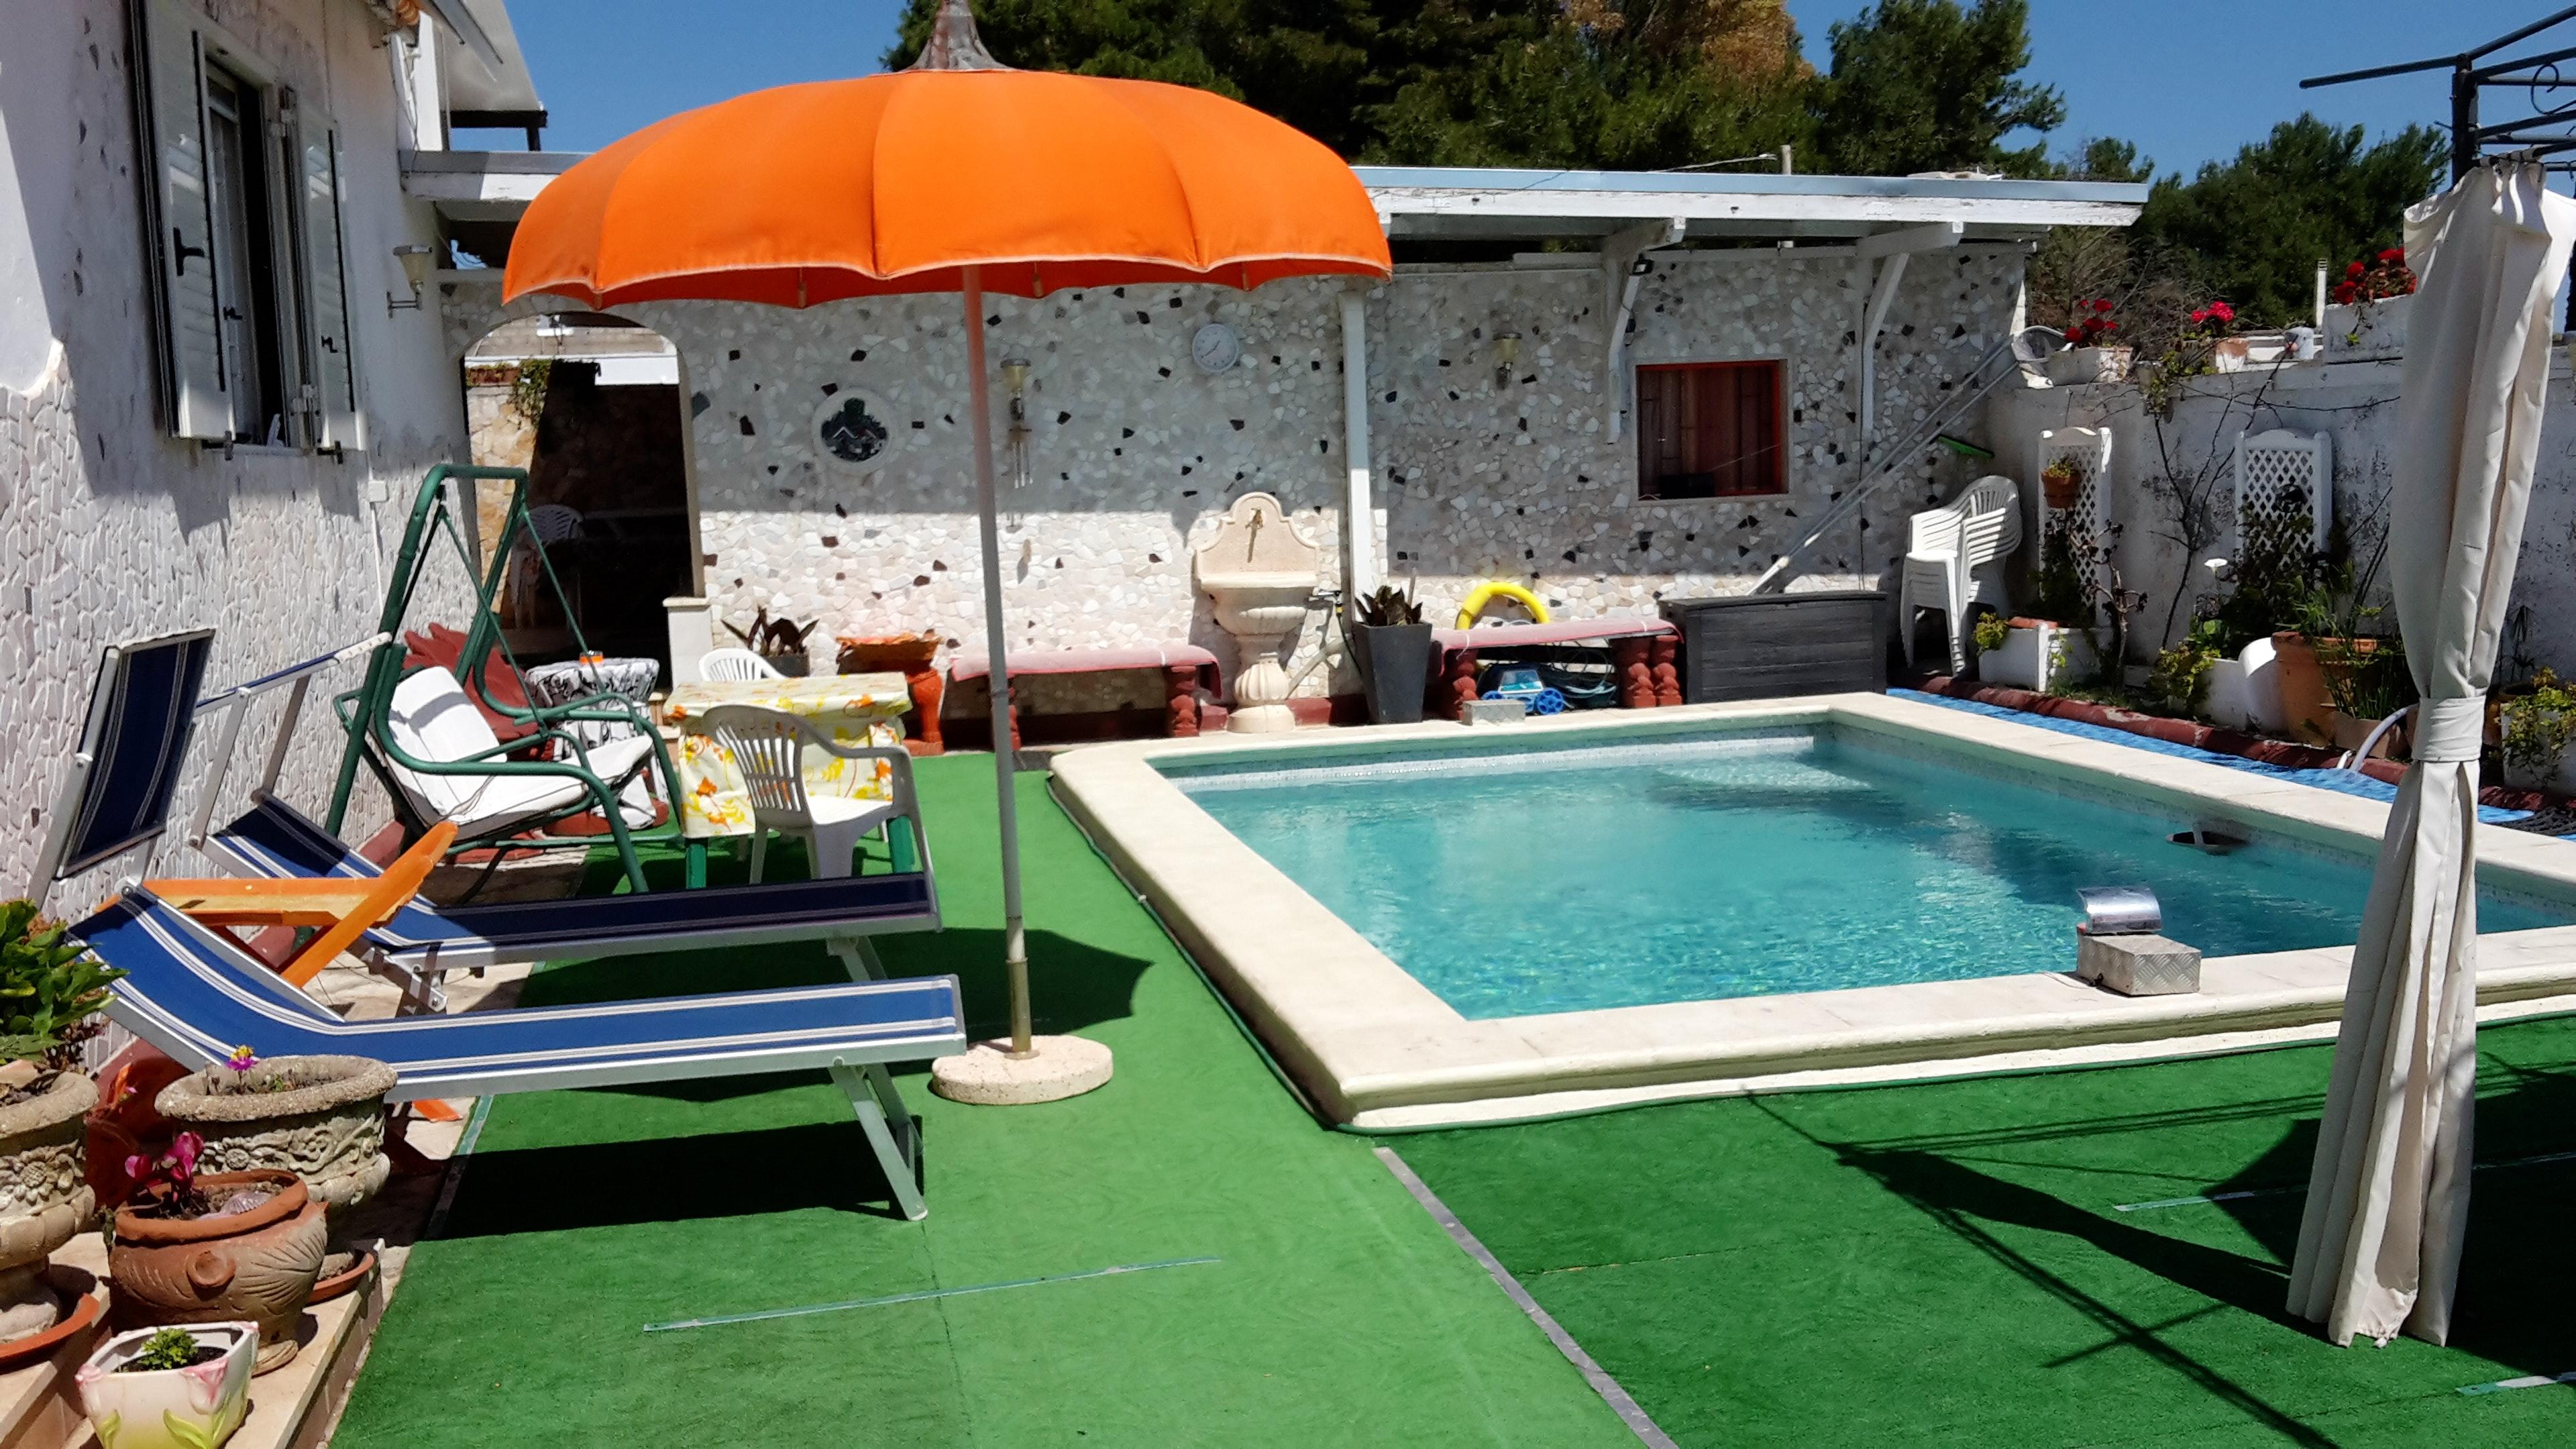 Ferienhaus Haus mit 2 Schlafzimmern in Porto Cesareo (Lecce) mit Pool, möbliertem Garten und W-LAN (2201032), Porto Cesareo, Lecce, Apulien, Italien, Bild 1